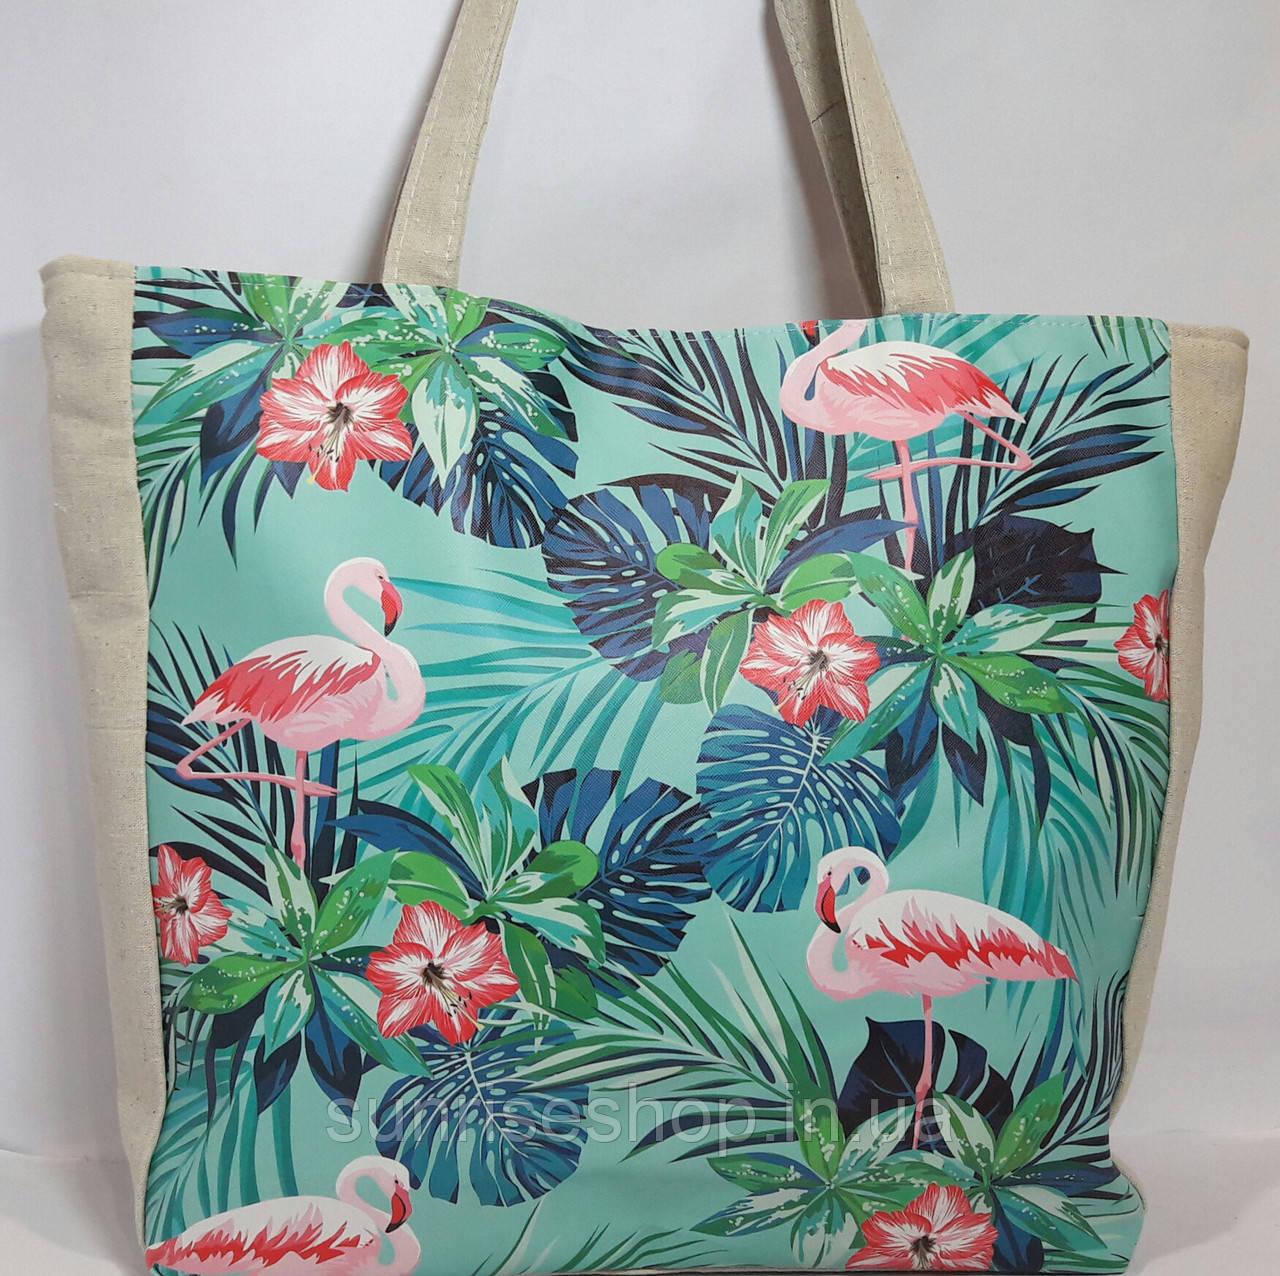 Пляжная сумка текстильная летняя Фламинго опт и розница